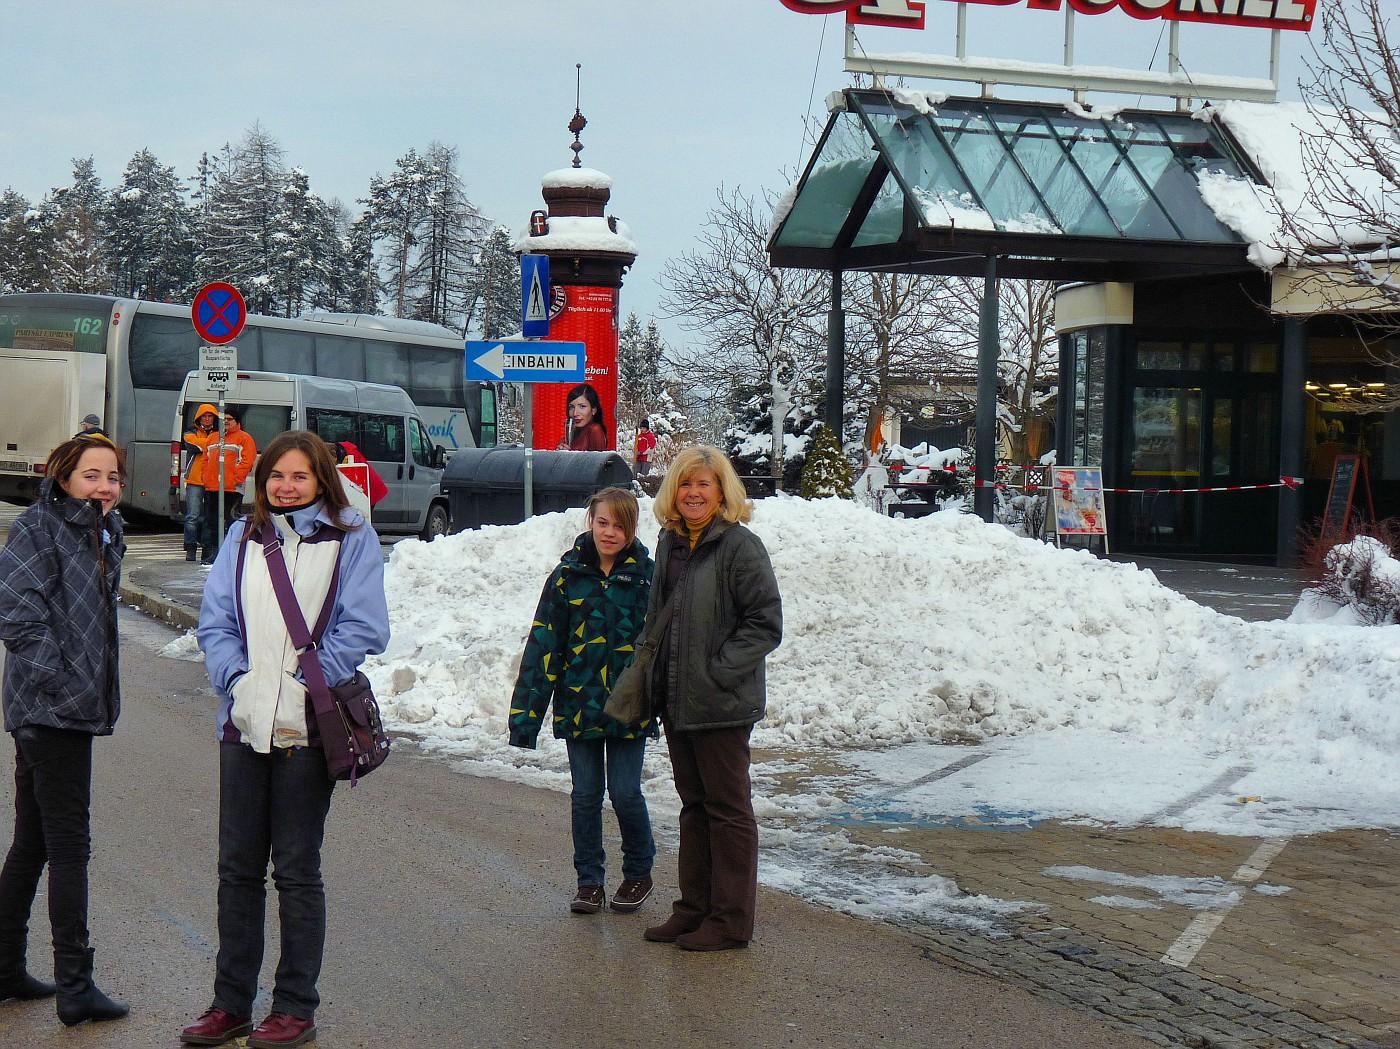 2010 02 13 01 Drive to Ischgl via Italy